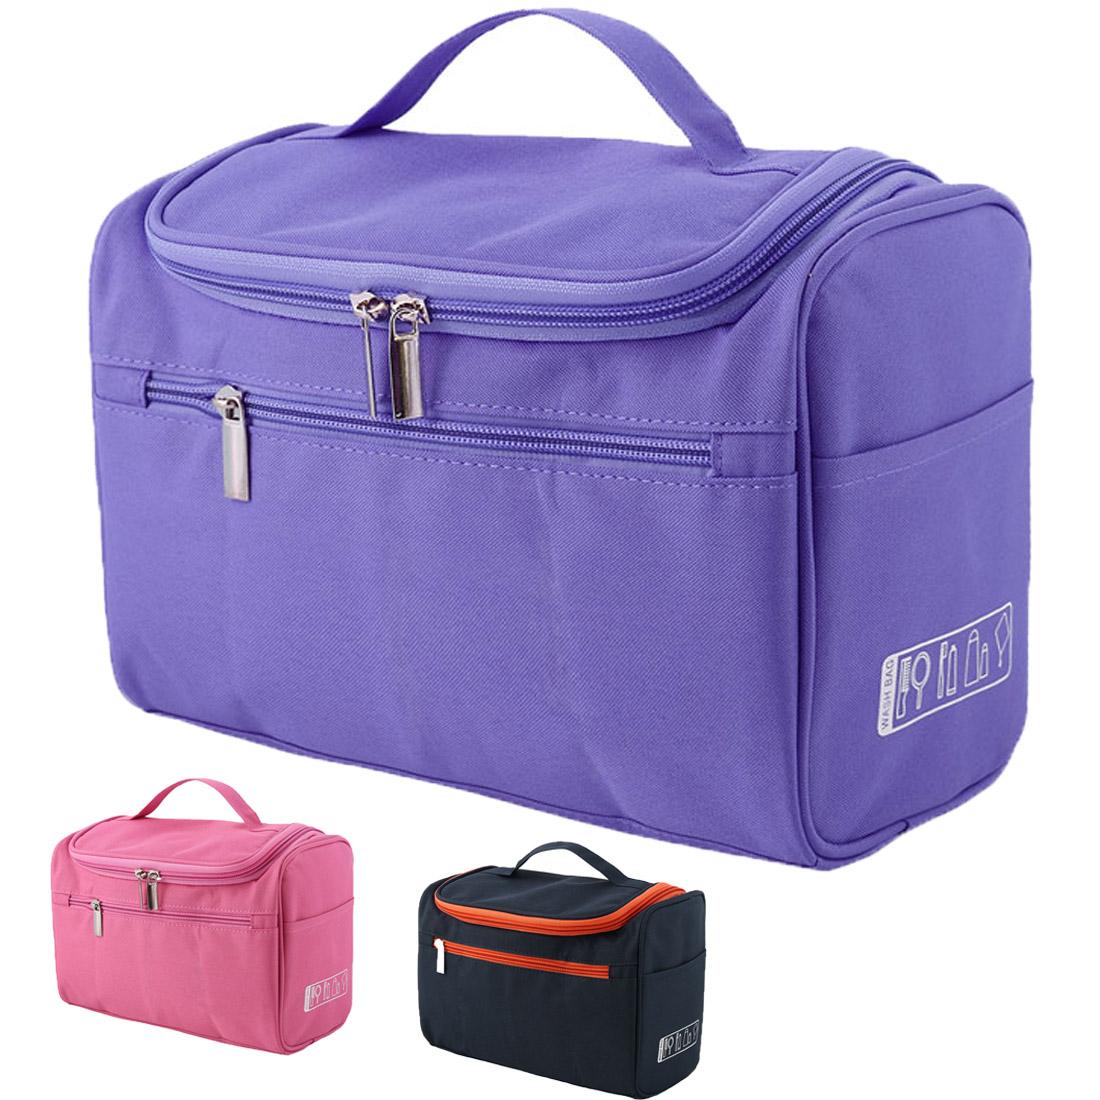 Waterproof Travel Toiletry Cosmetic Bag Hanging Makeup Bag Organizer Travel Wash Bag